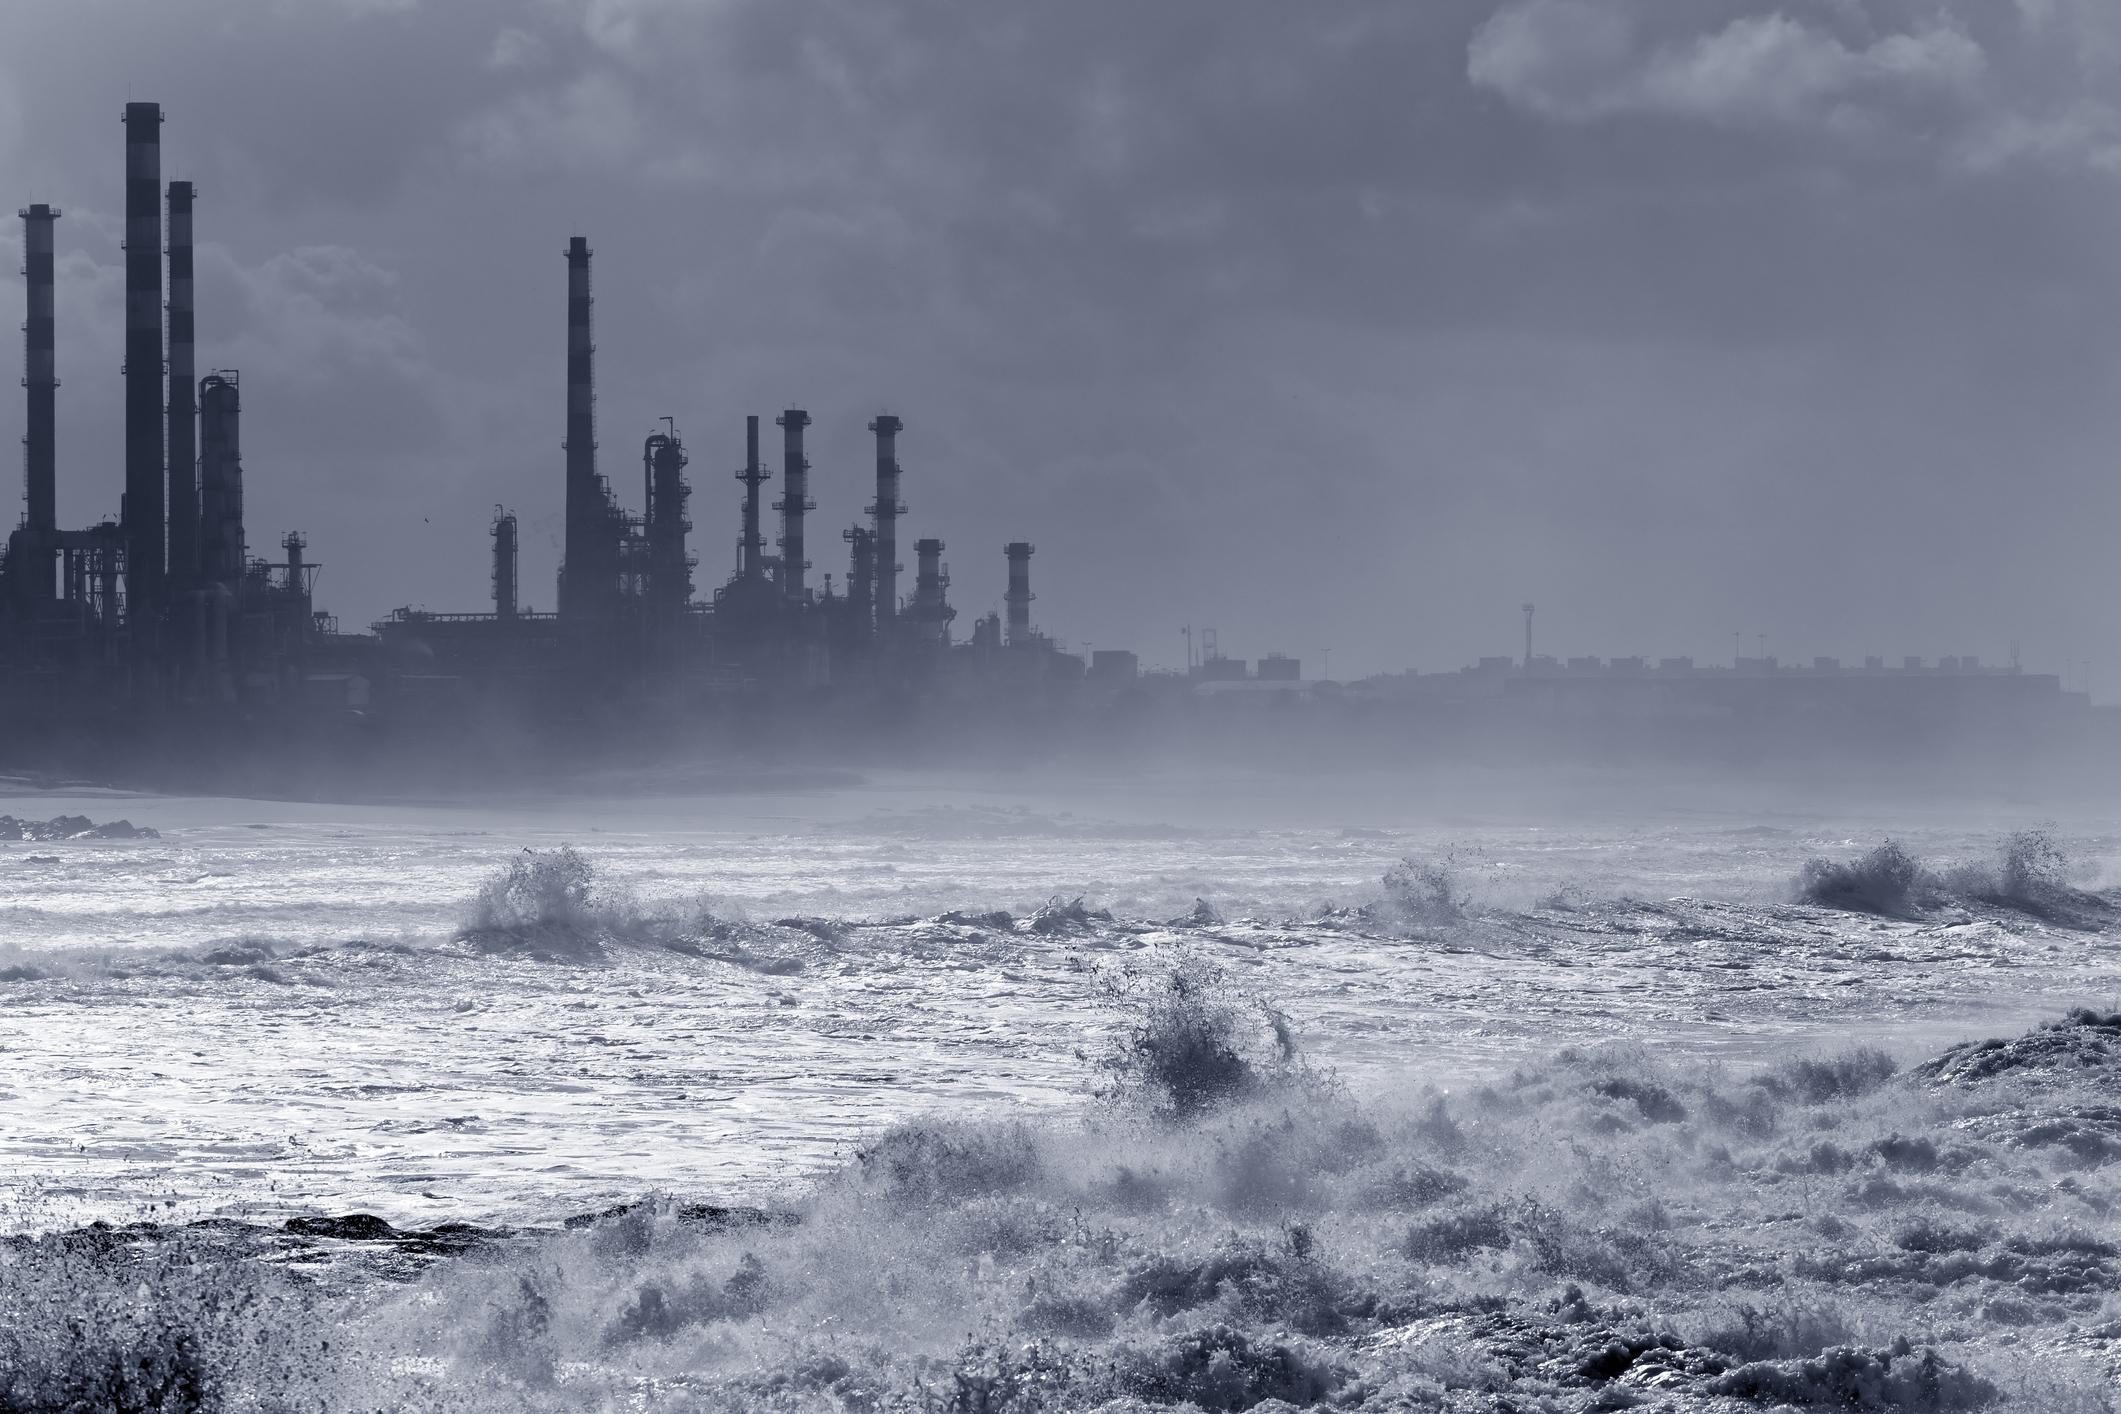 A storm hitting an energy facility along the coast.